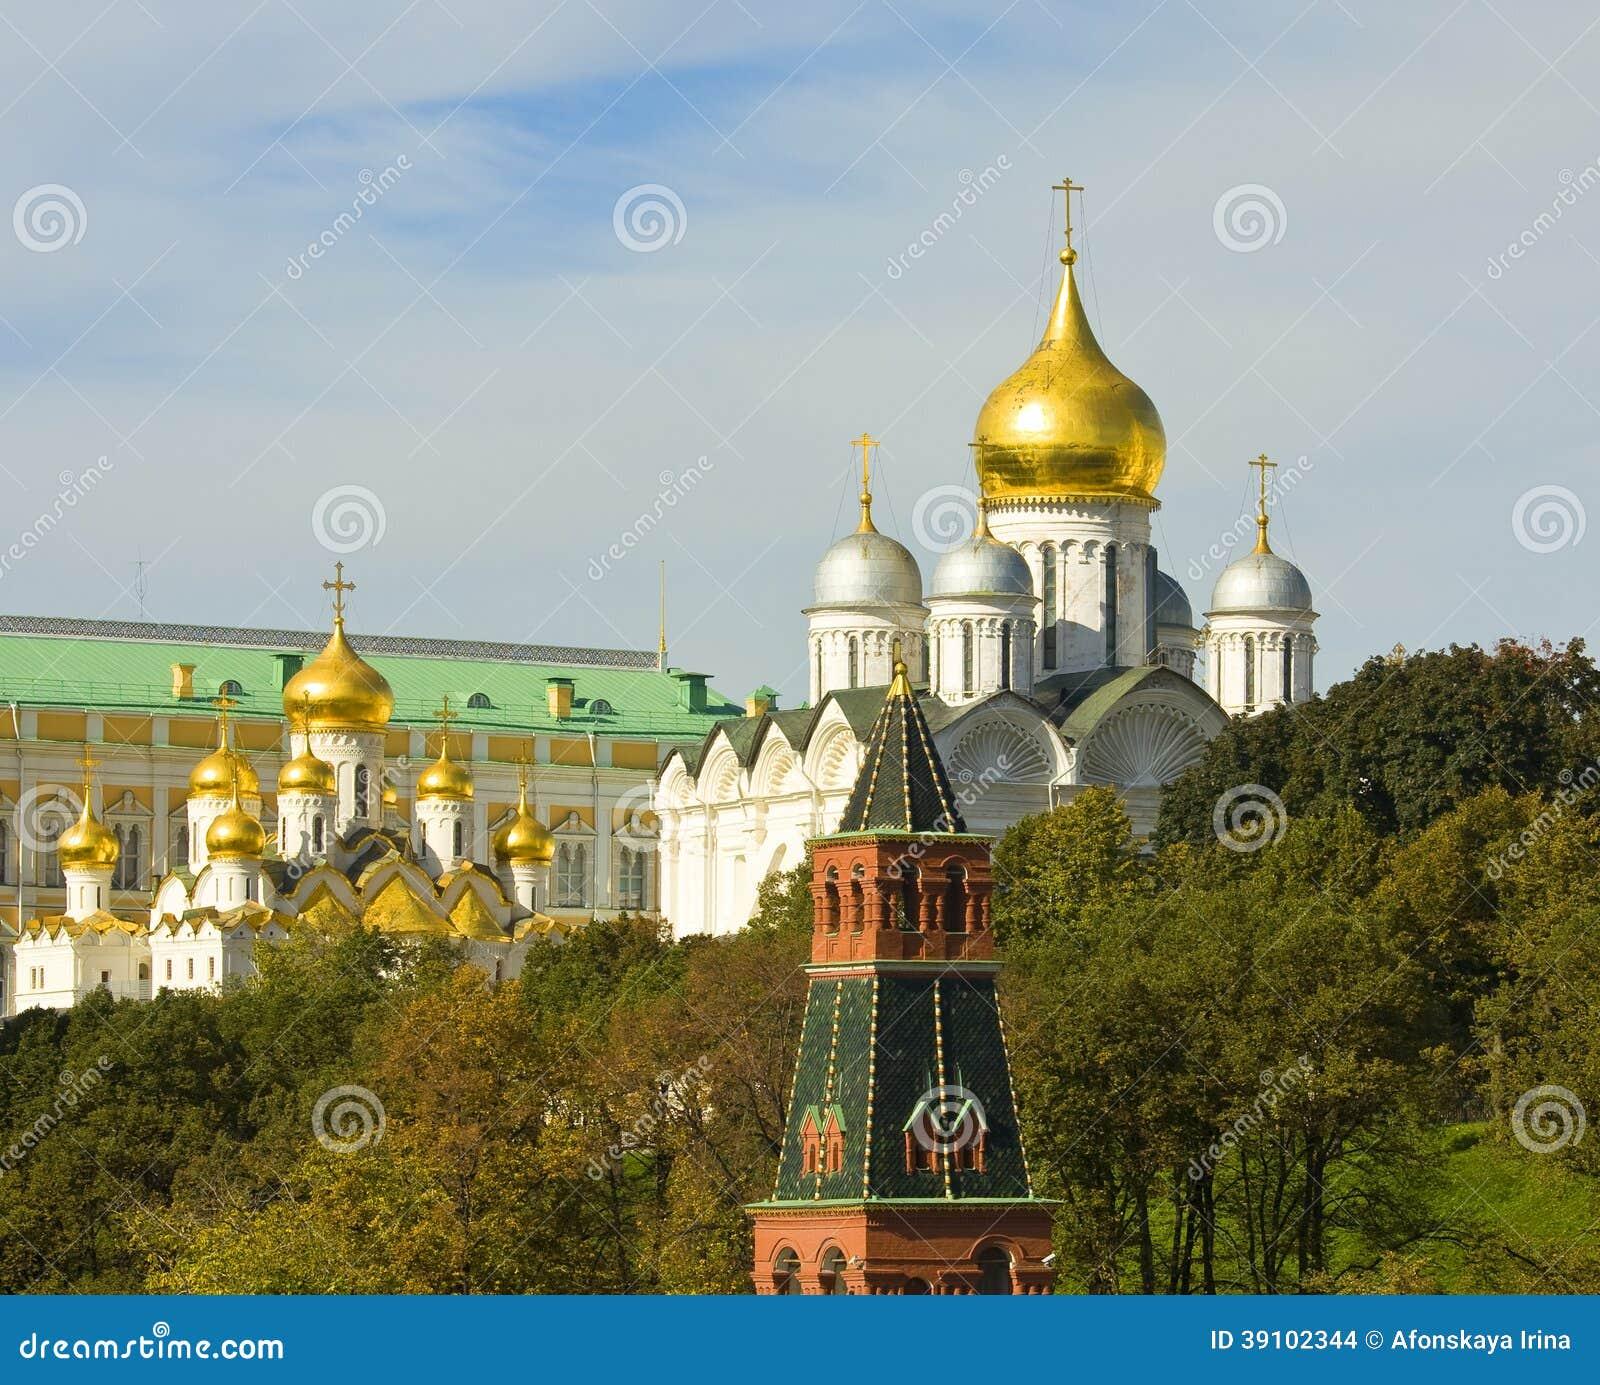 Moskou, de kathedralen van het Kremlin